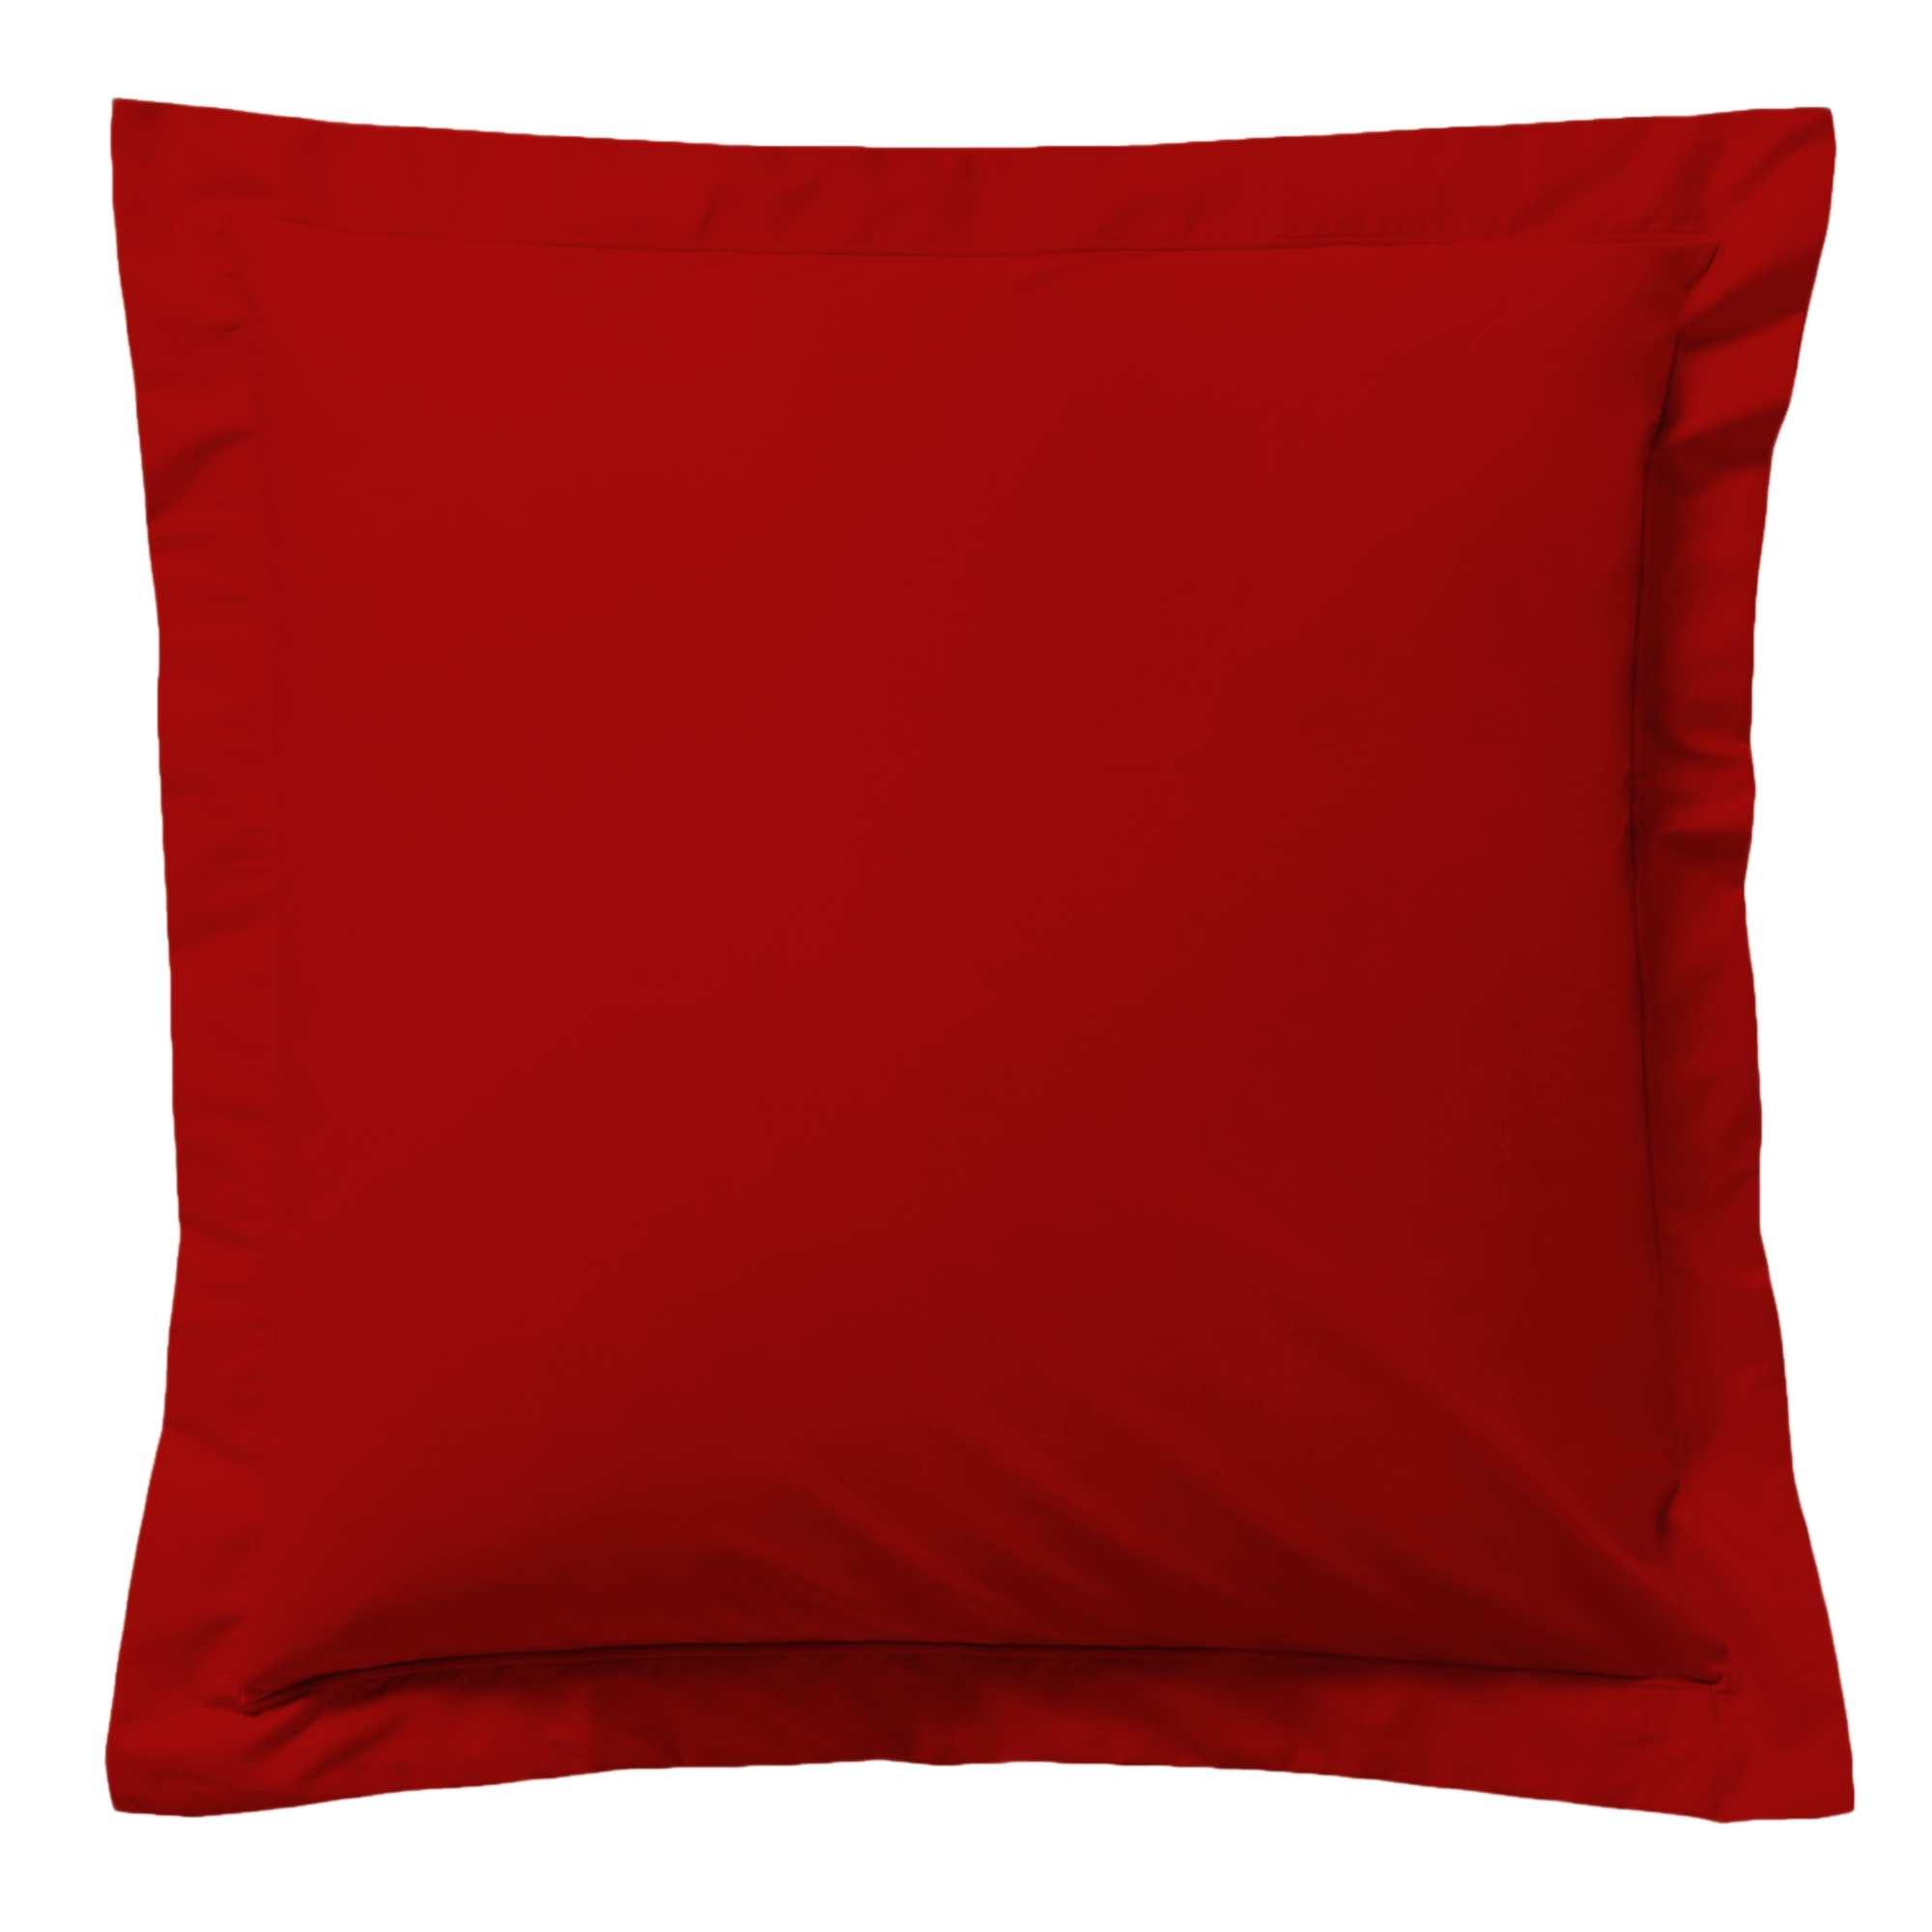 taie d 39 oreiller unie linge de lit rouge kiabi 5 00. Black Bedroom Furniture Sets. Home Design Ideas